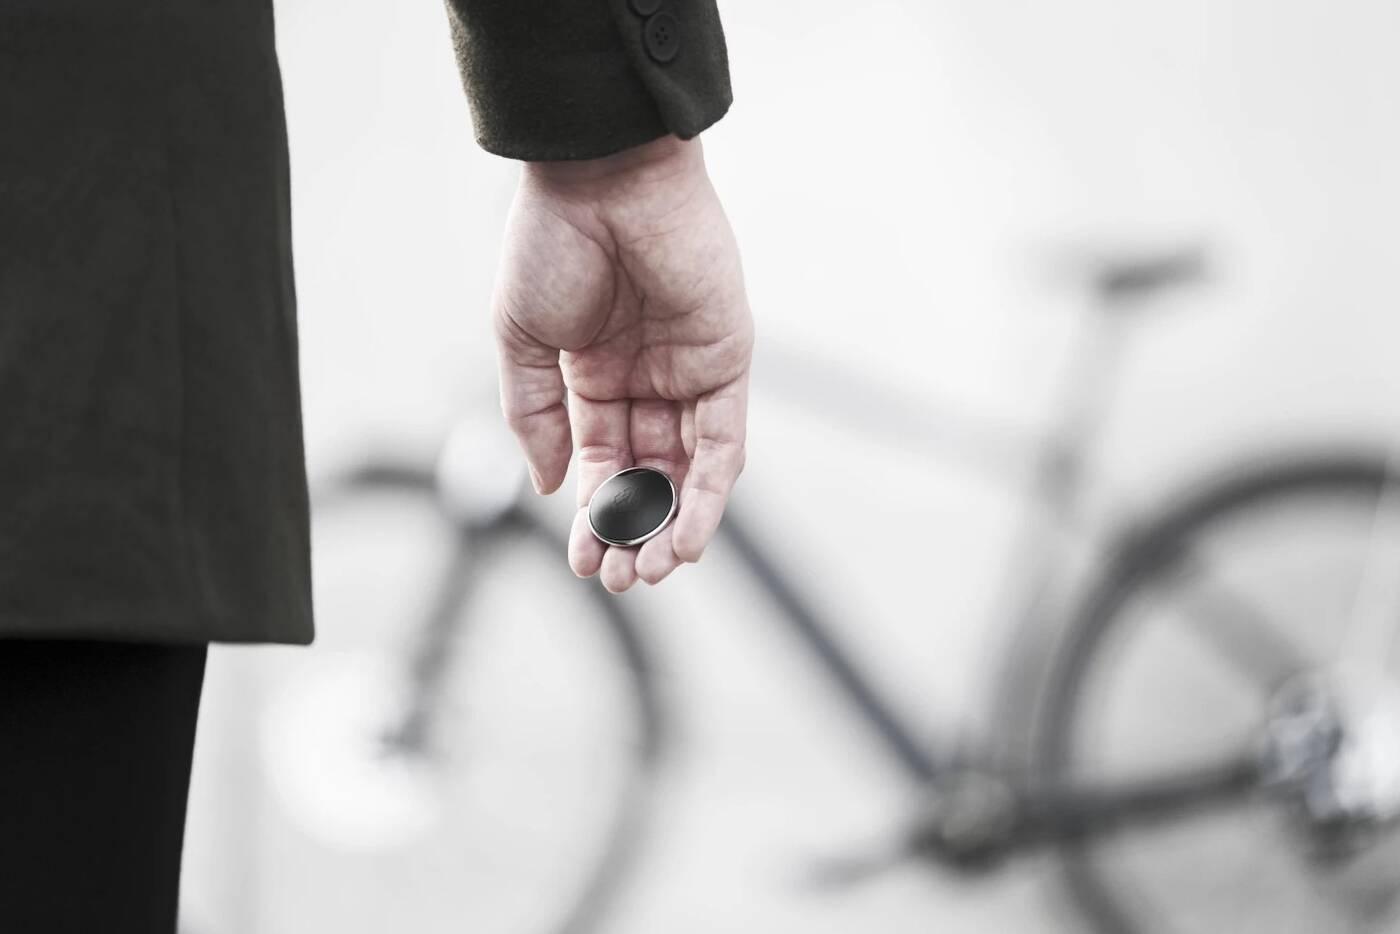 PentaLock pokazuje środkowy palec złodziejom rowerów